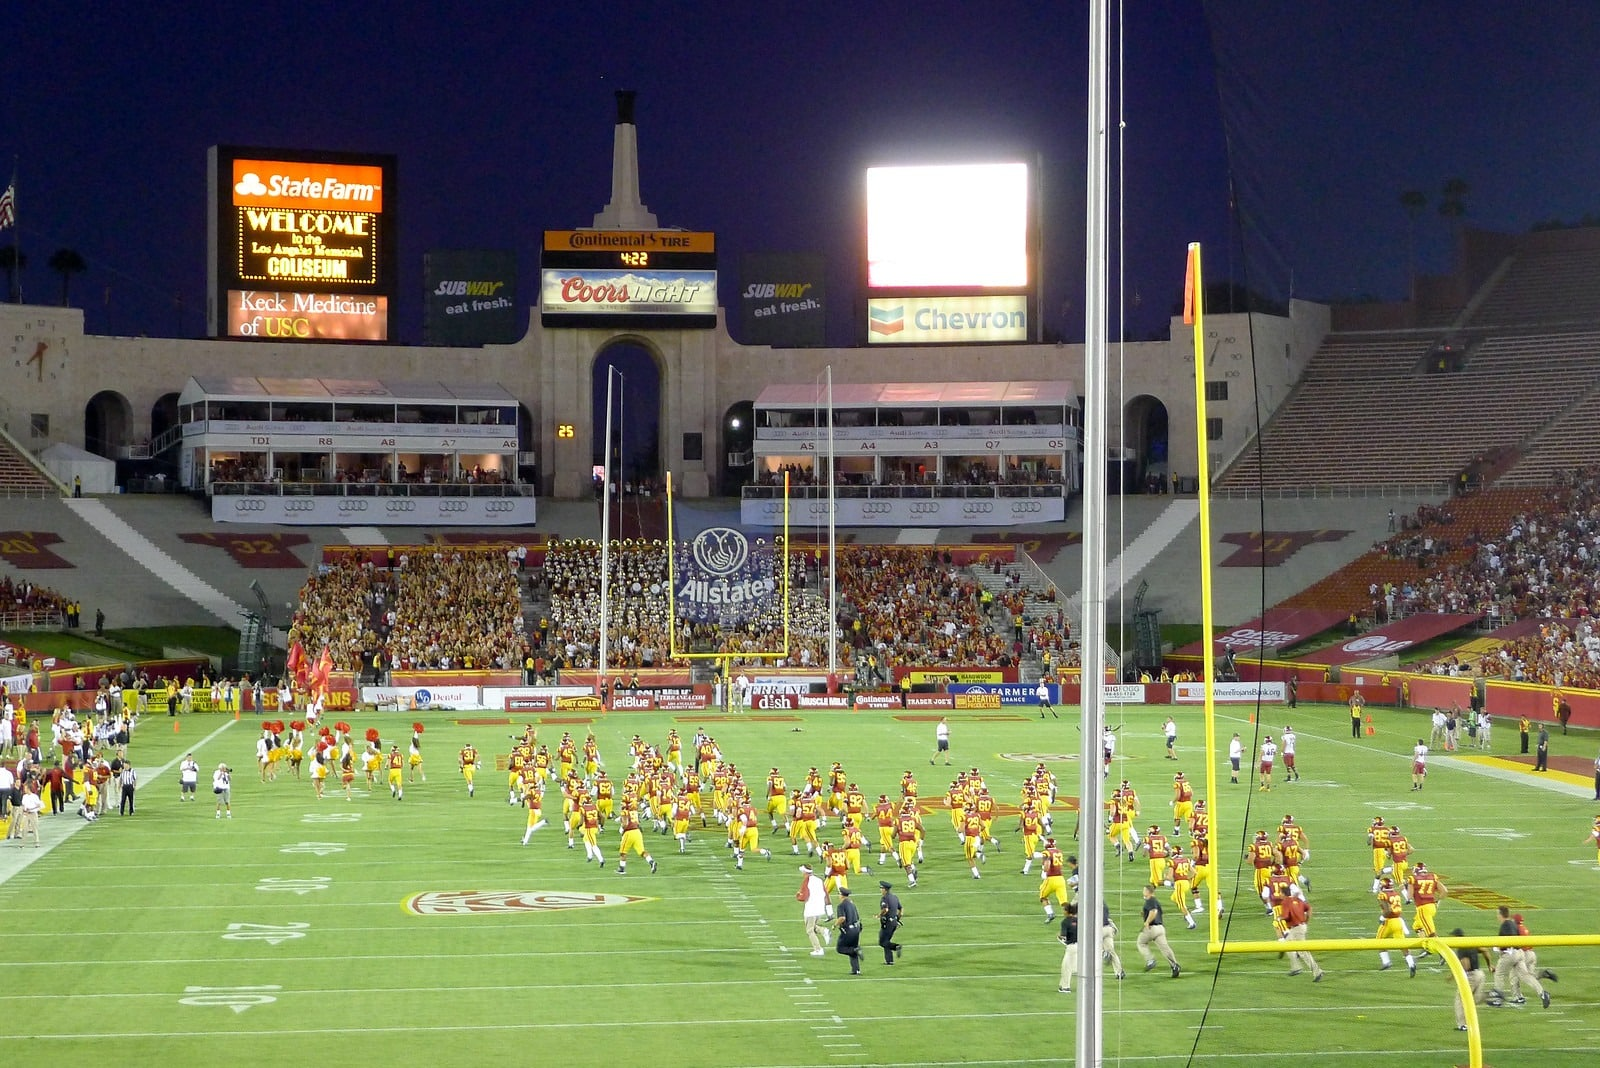 USC Has Found Their Starting Quarterback